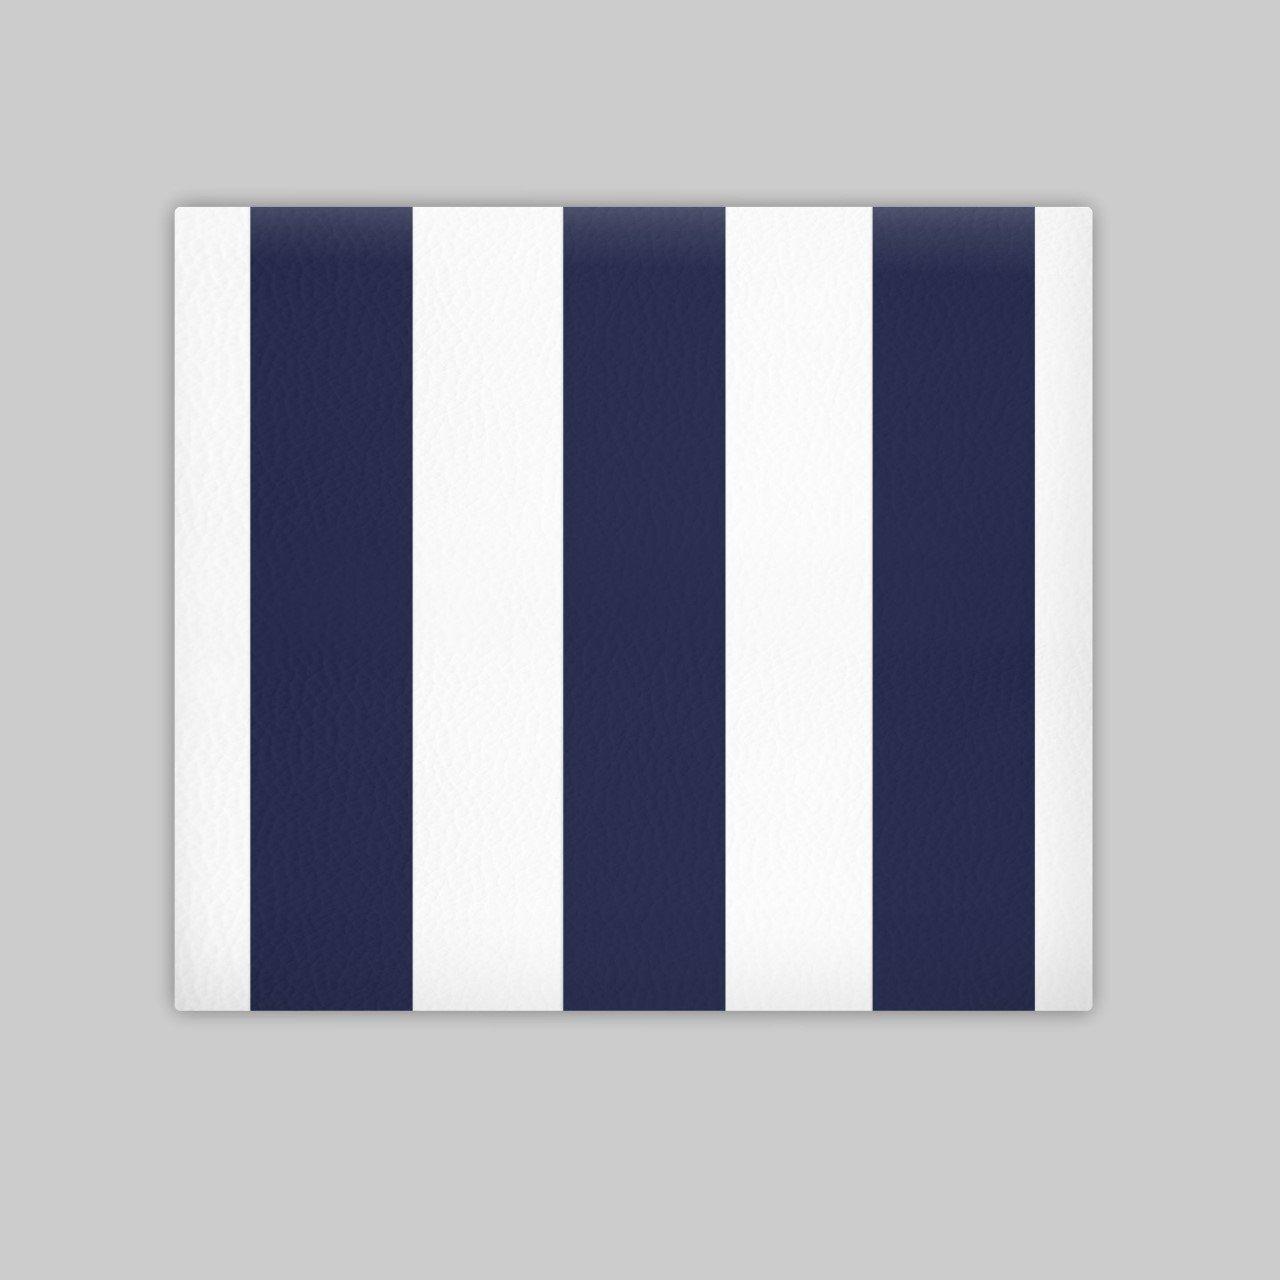 SUENOSZZZ - Cabecero Ohio Líneas Verticales (Cama 90) 100x120 cms. Color Blanco y Azul: Amazon.es: Hogar